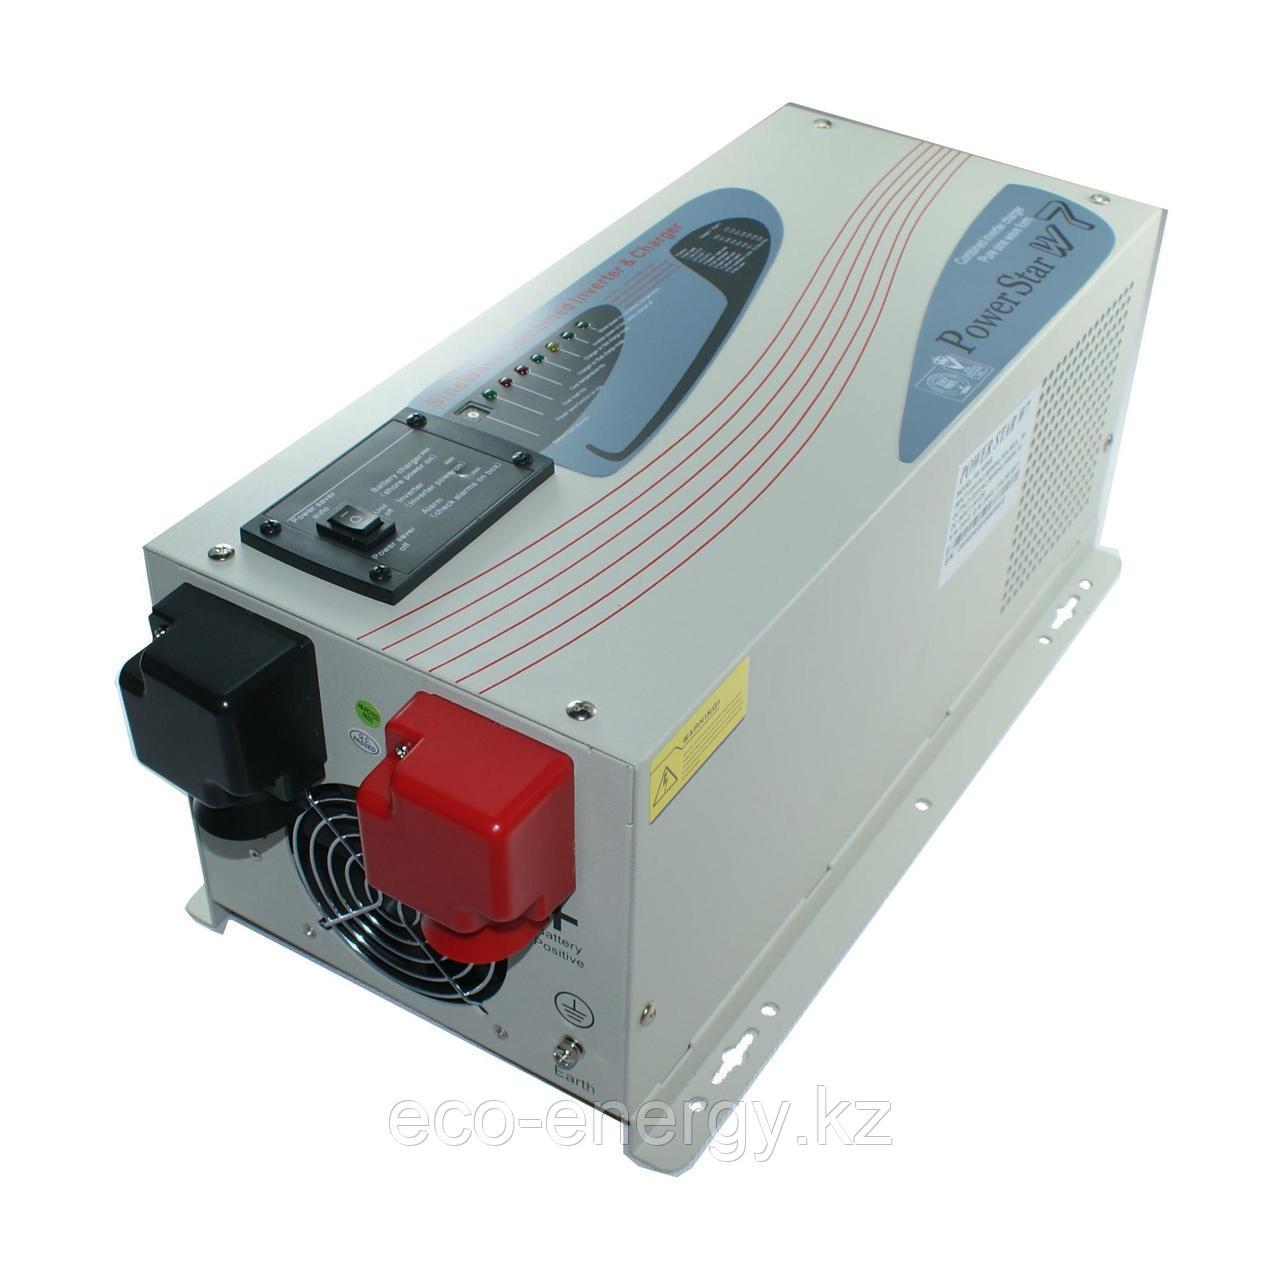 Инвертор Power Star IR3024 (3000Вт) 24 вольт